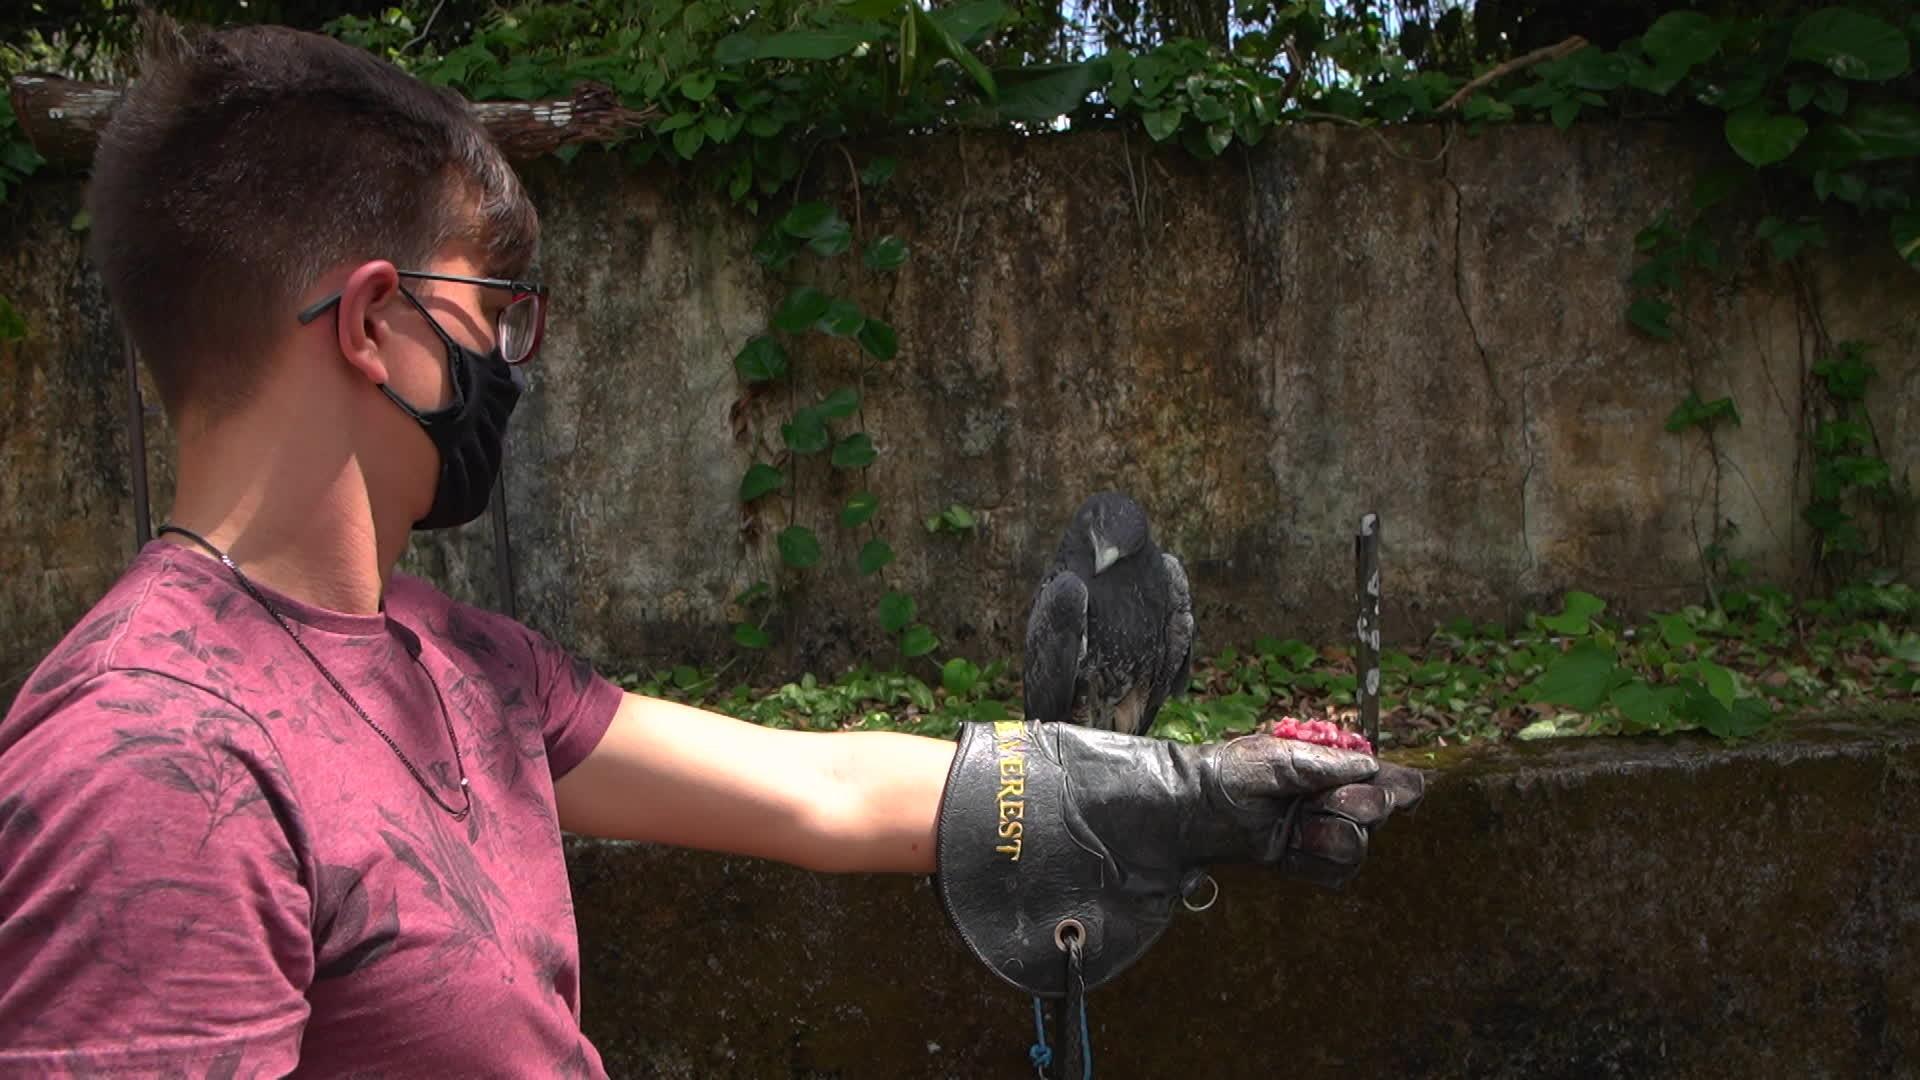 Animais silvestres feridos são reabilitados com ajuda de acupuntura, fisioterapia e outras técnicas no Recife